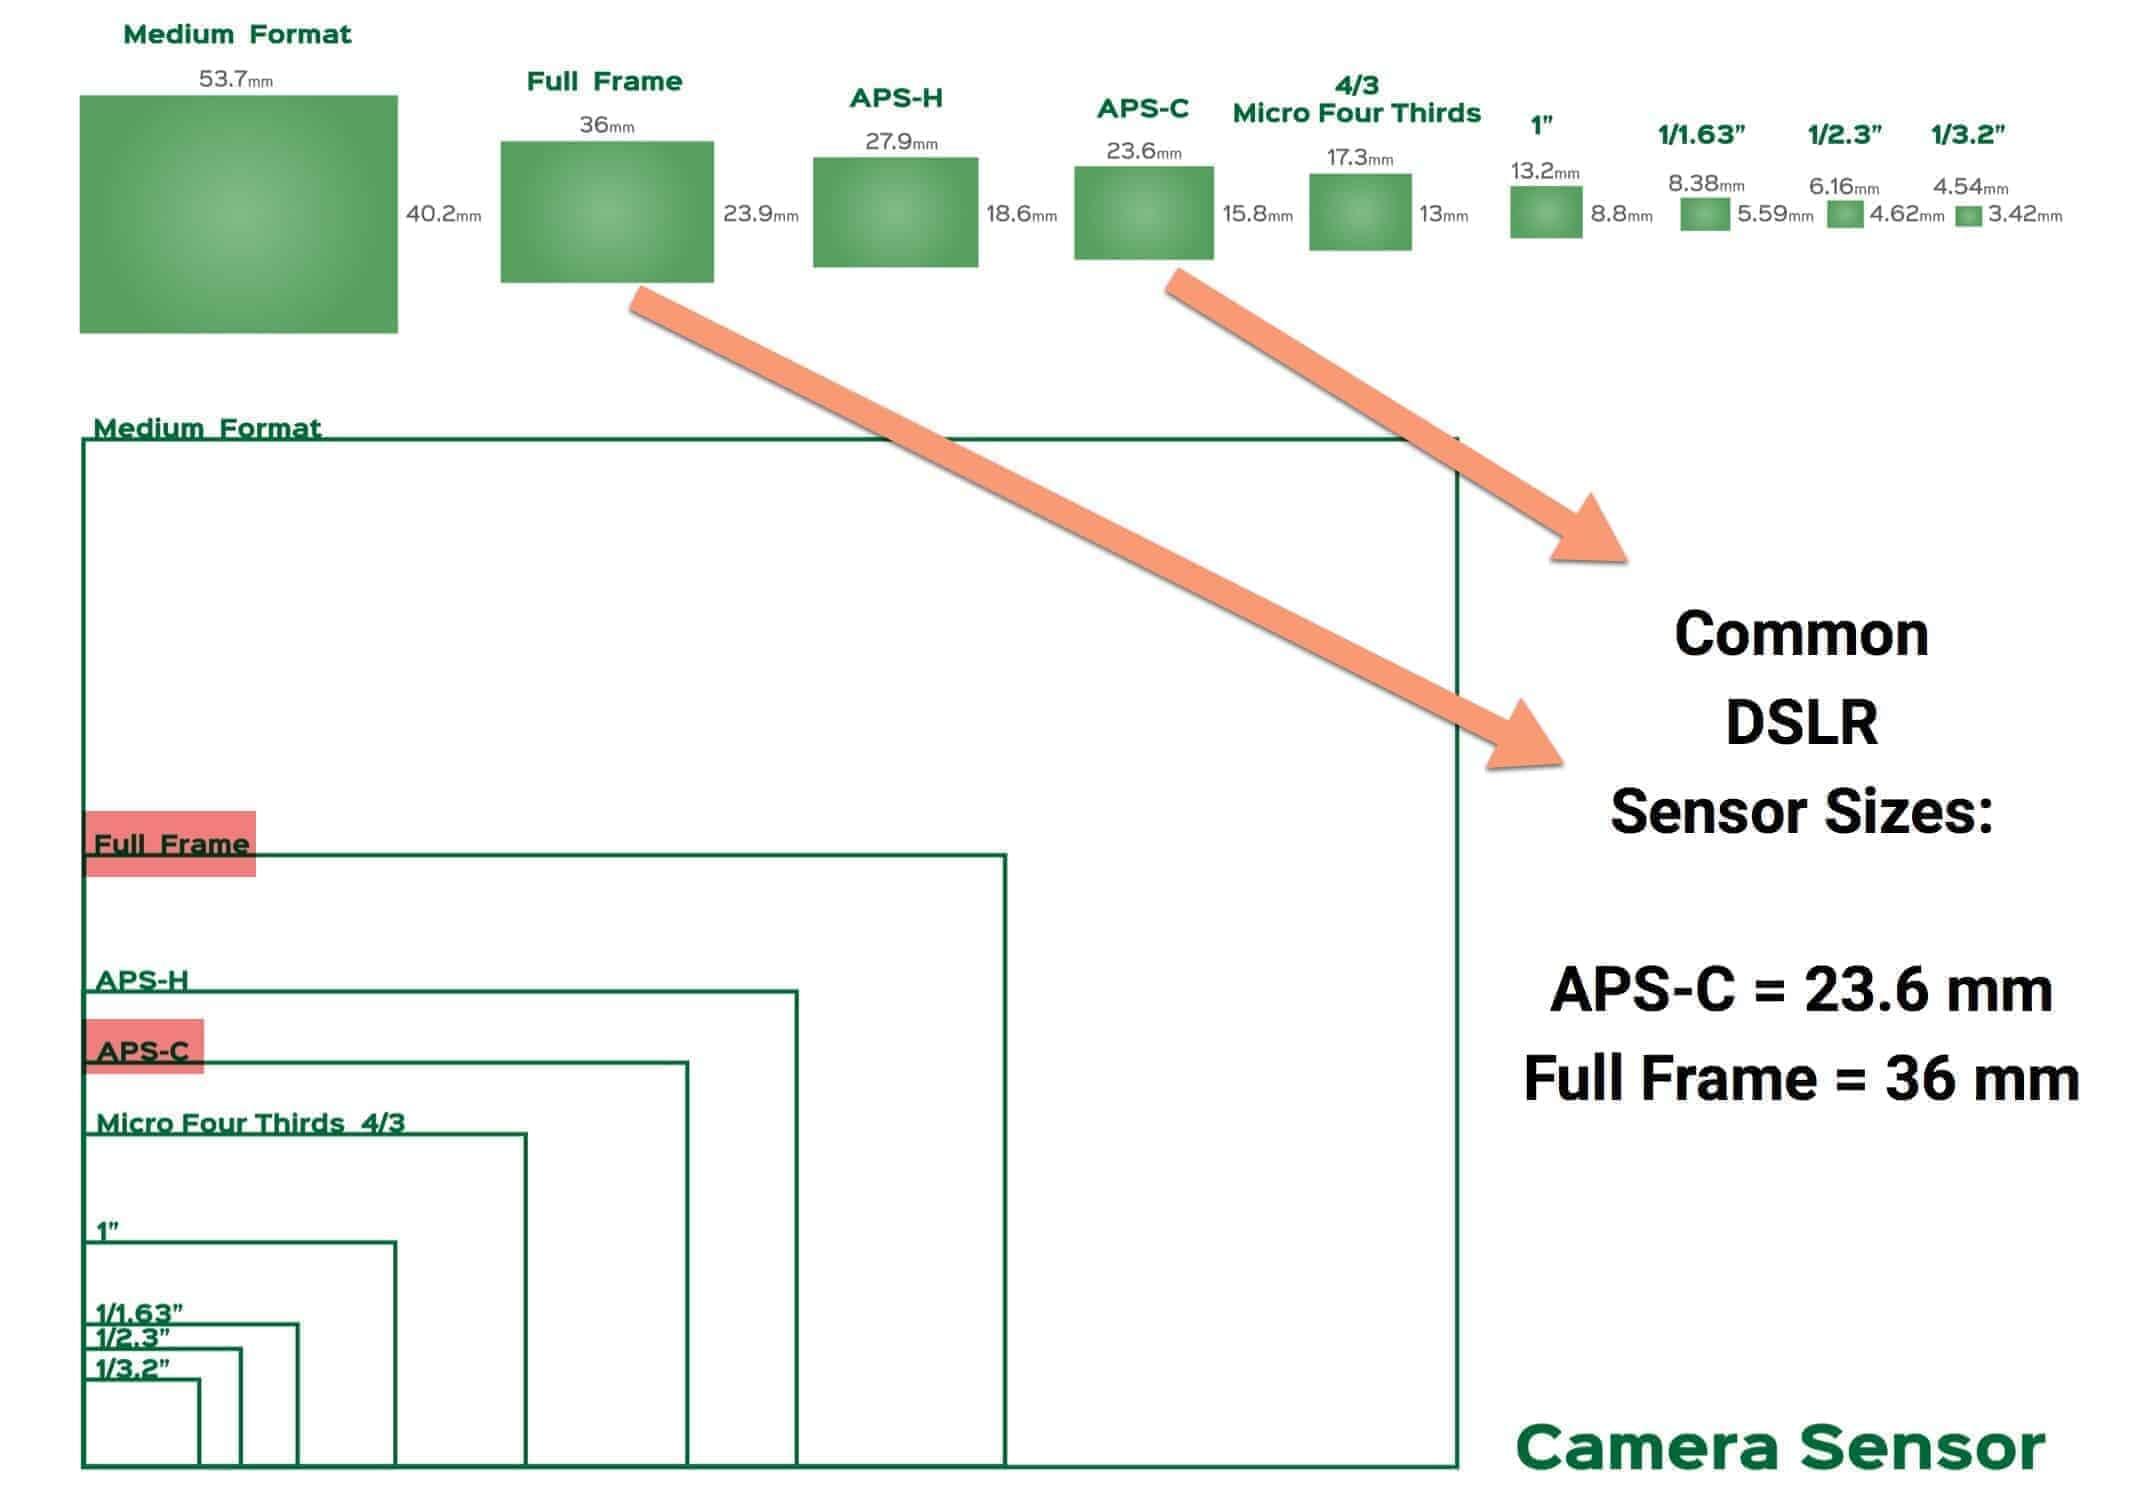 Camera Sensor Sizes highlighting the Best Seller DSLR Sensor Sizes.